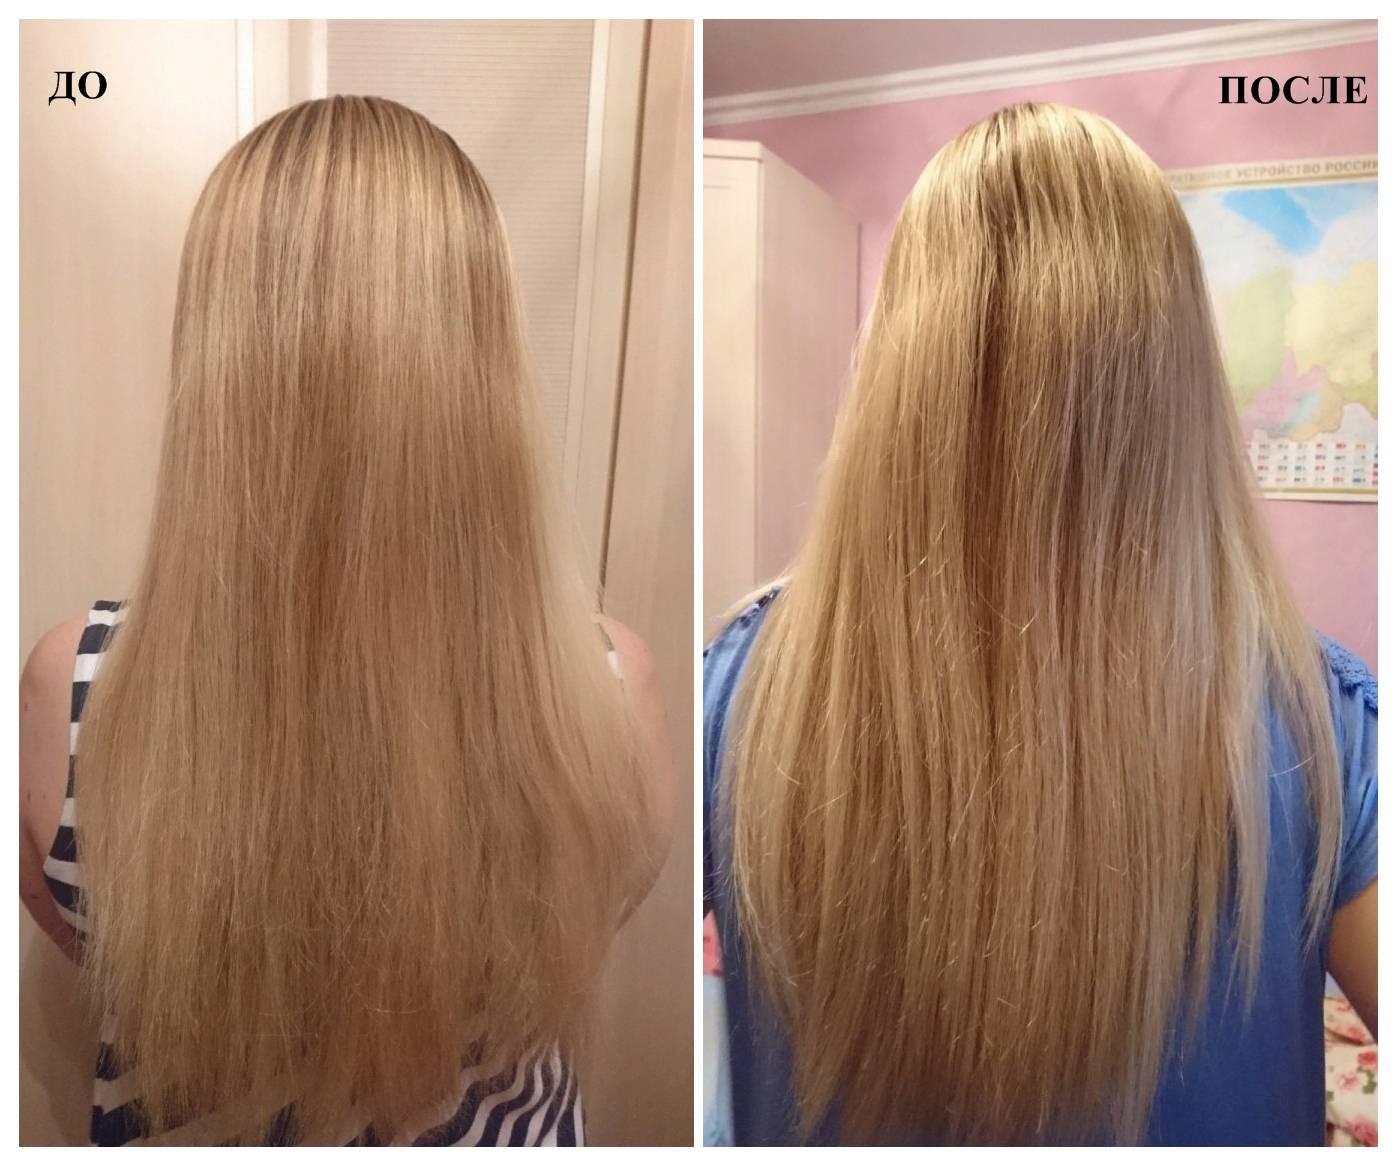 Нанопластика волос: что это такое и для чего ее делают, все плюсы и минусы, фото до и после кератиновой процедуры и ее последствия